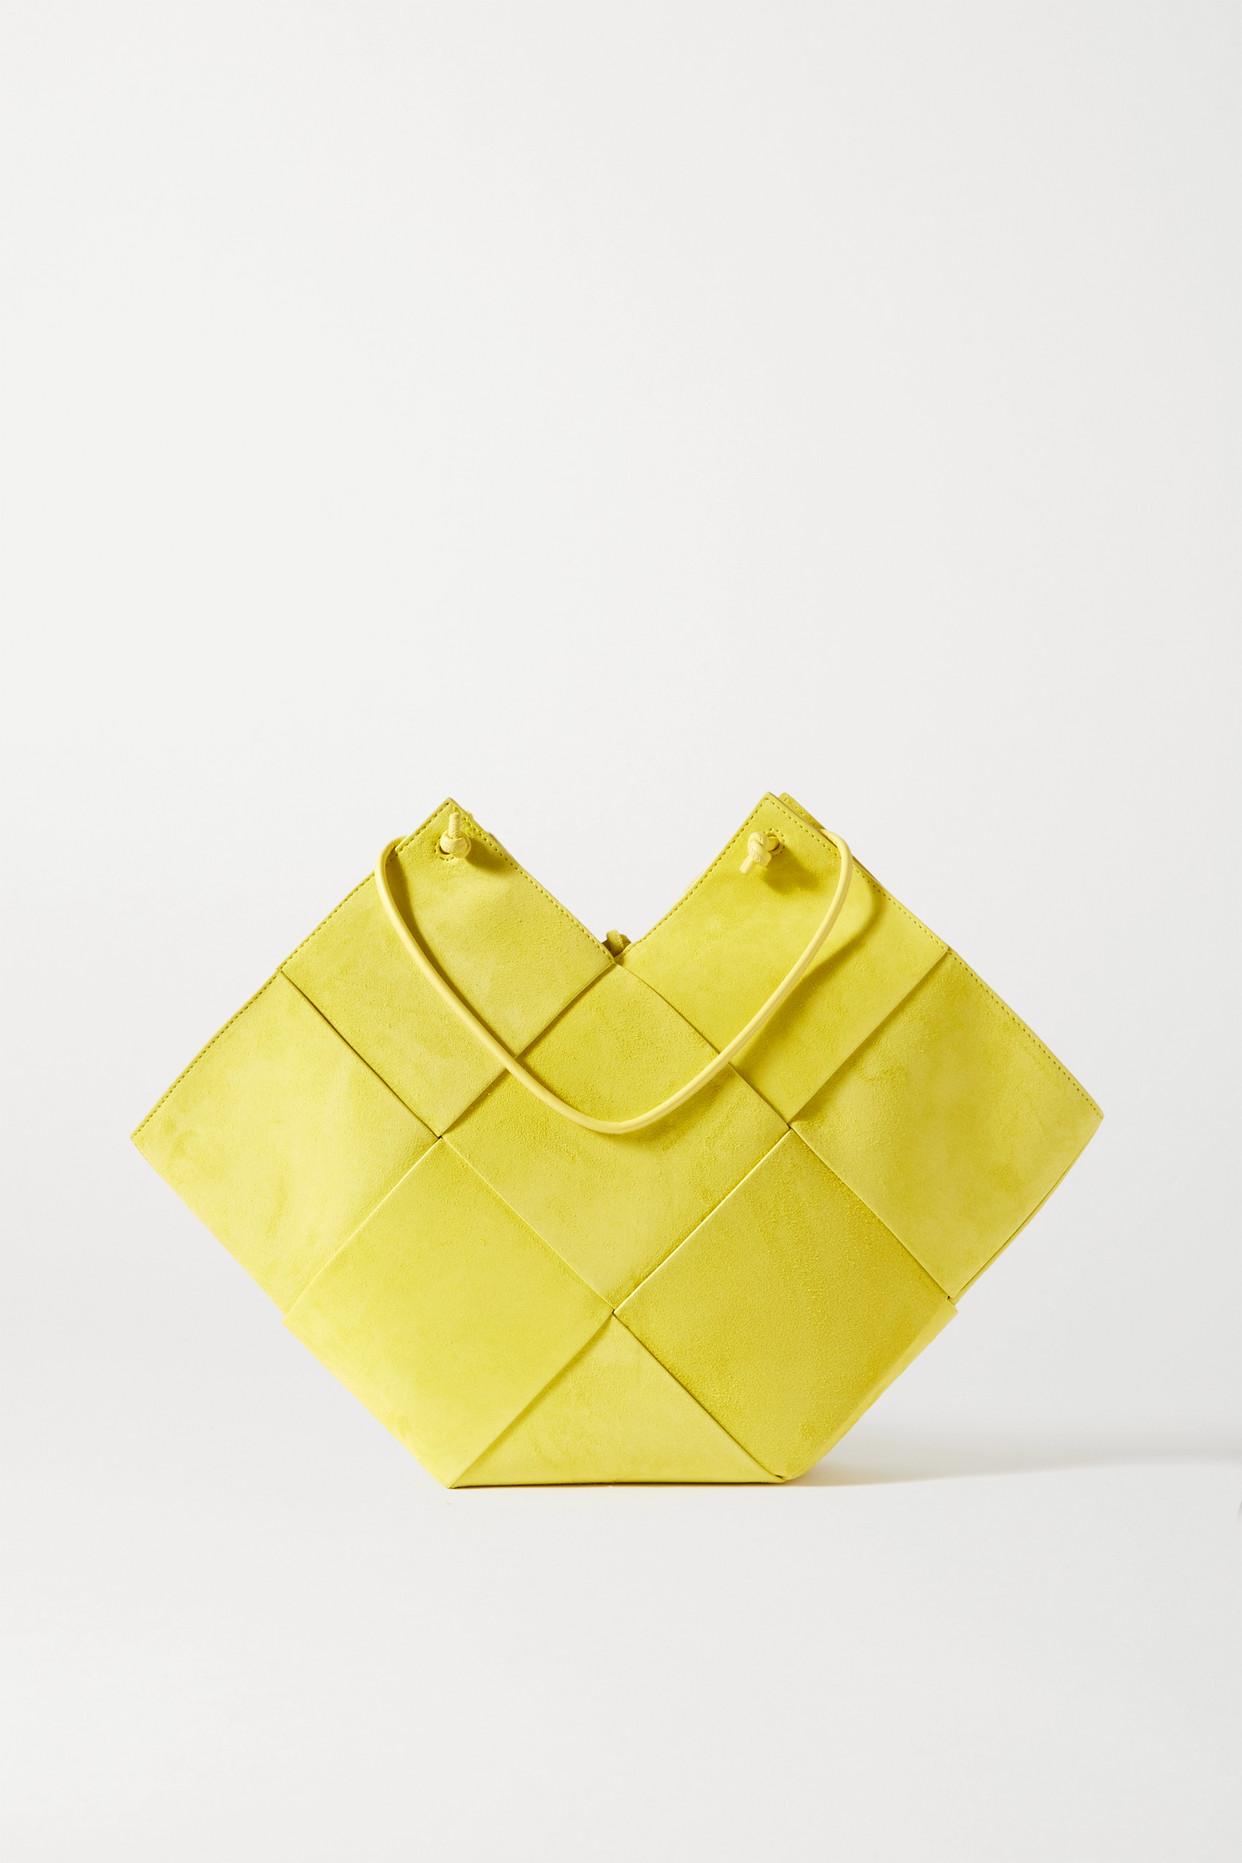 BOTTEGA VENETA - Flower Basket Intrecciato 绒面革皮革中号手提包 - 黄色 - one size